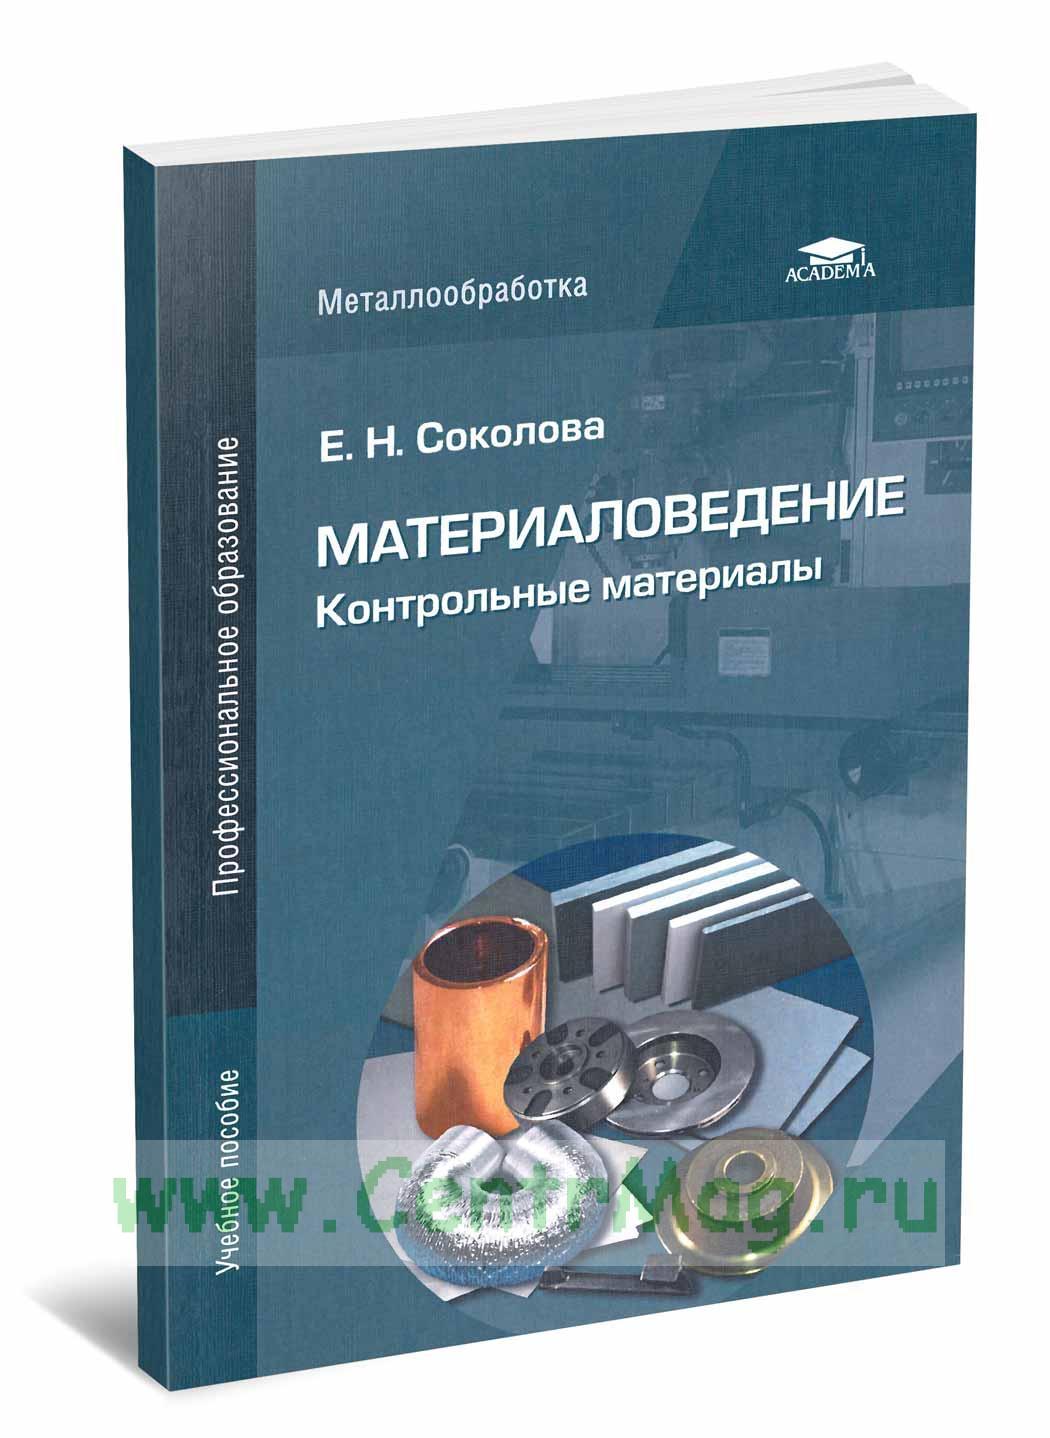 Материаловедение Контрольные материалы е издание стереотипное  Материаловедение Контрольные материалы 4 е издание стереотипное